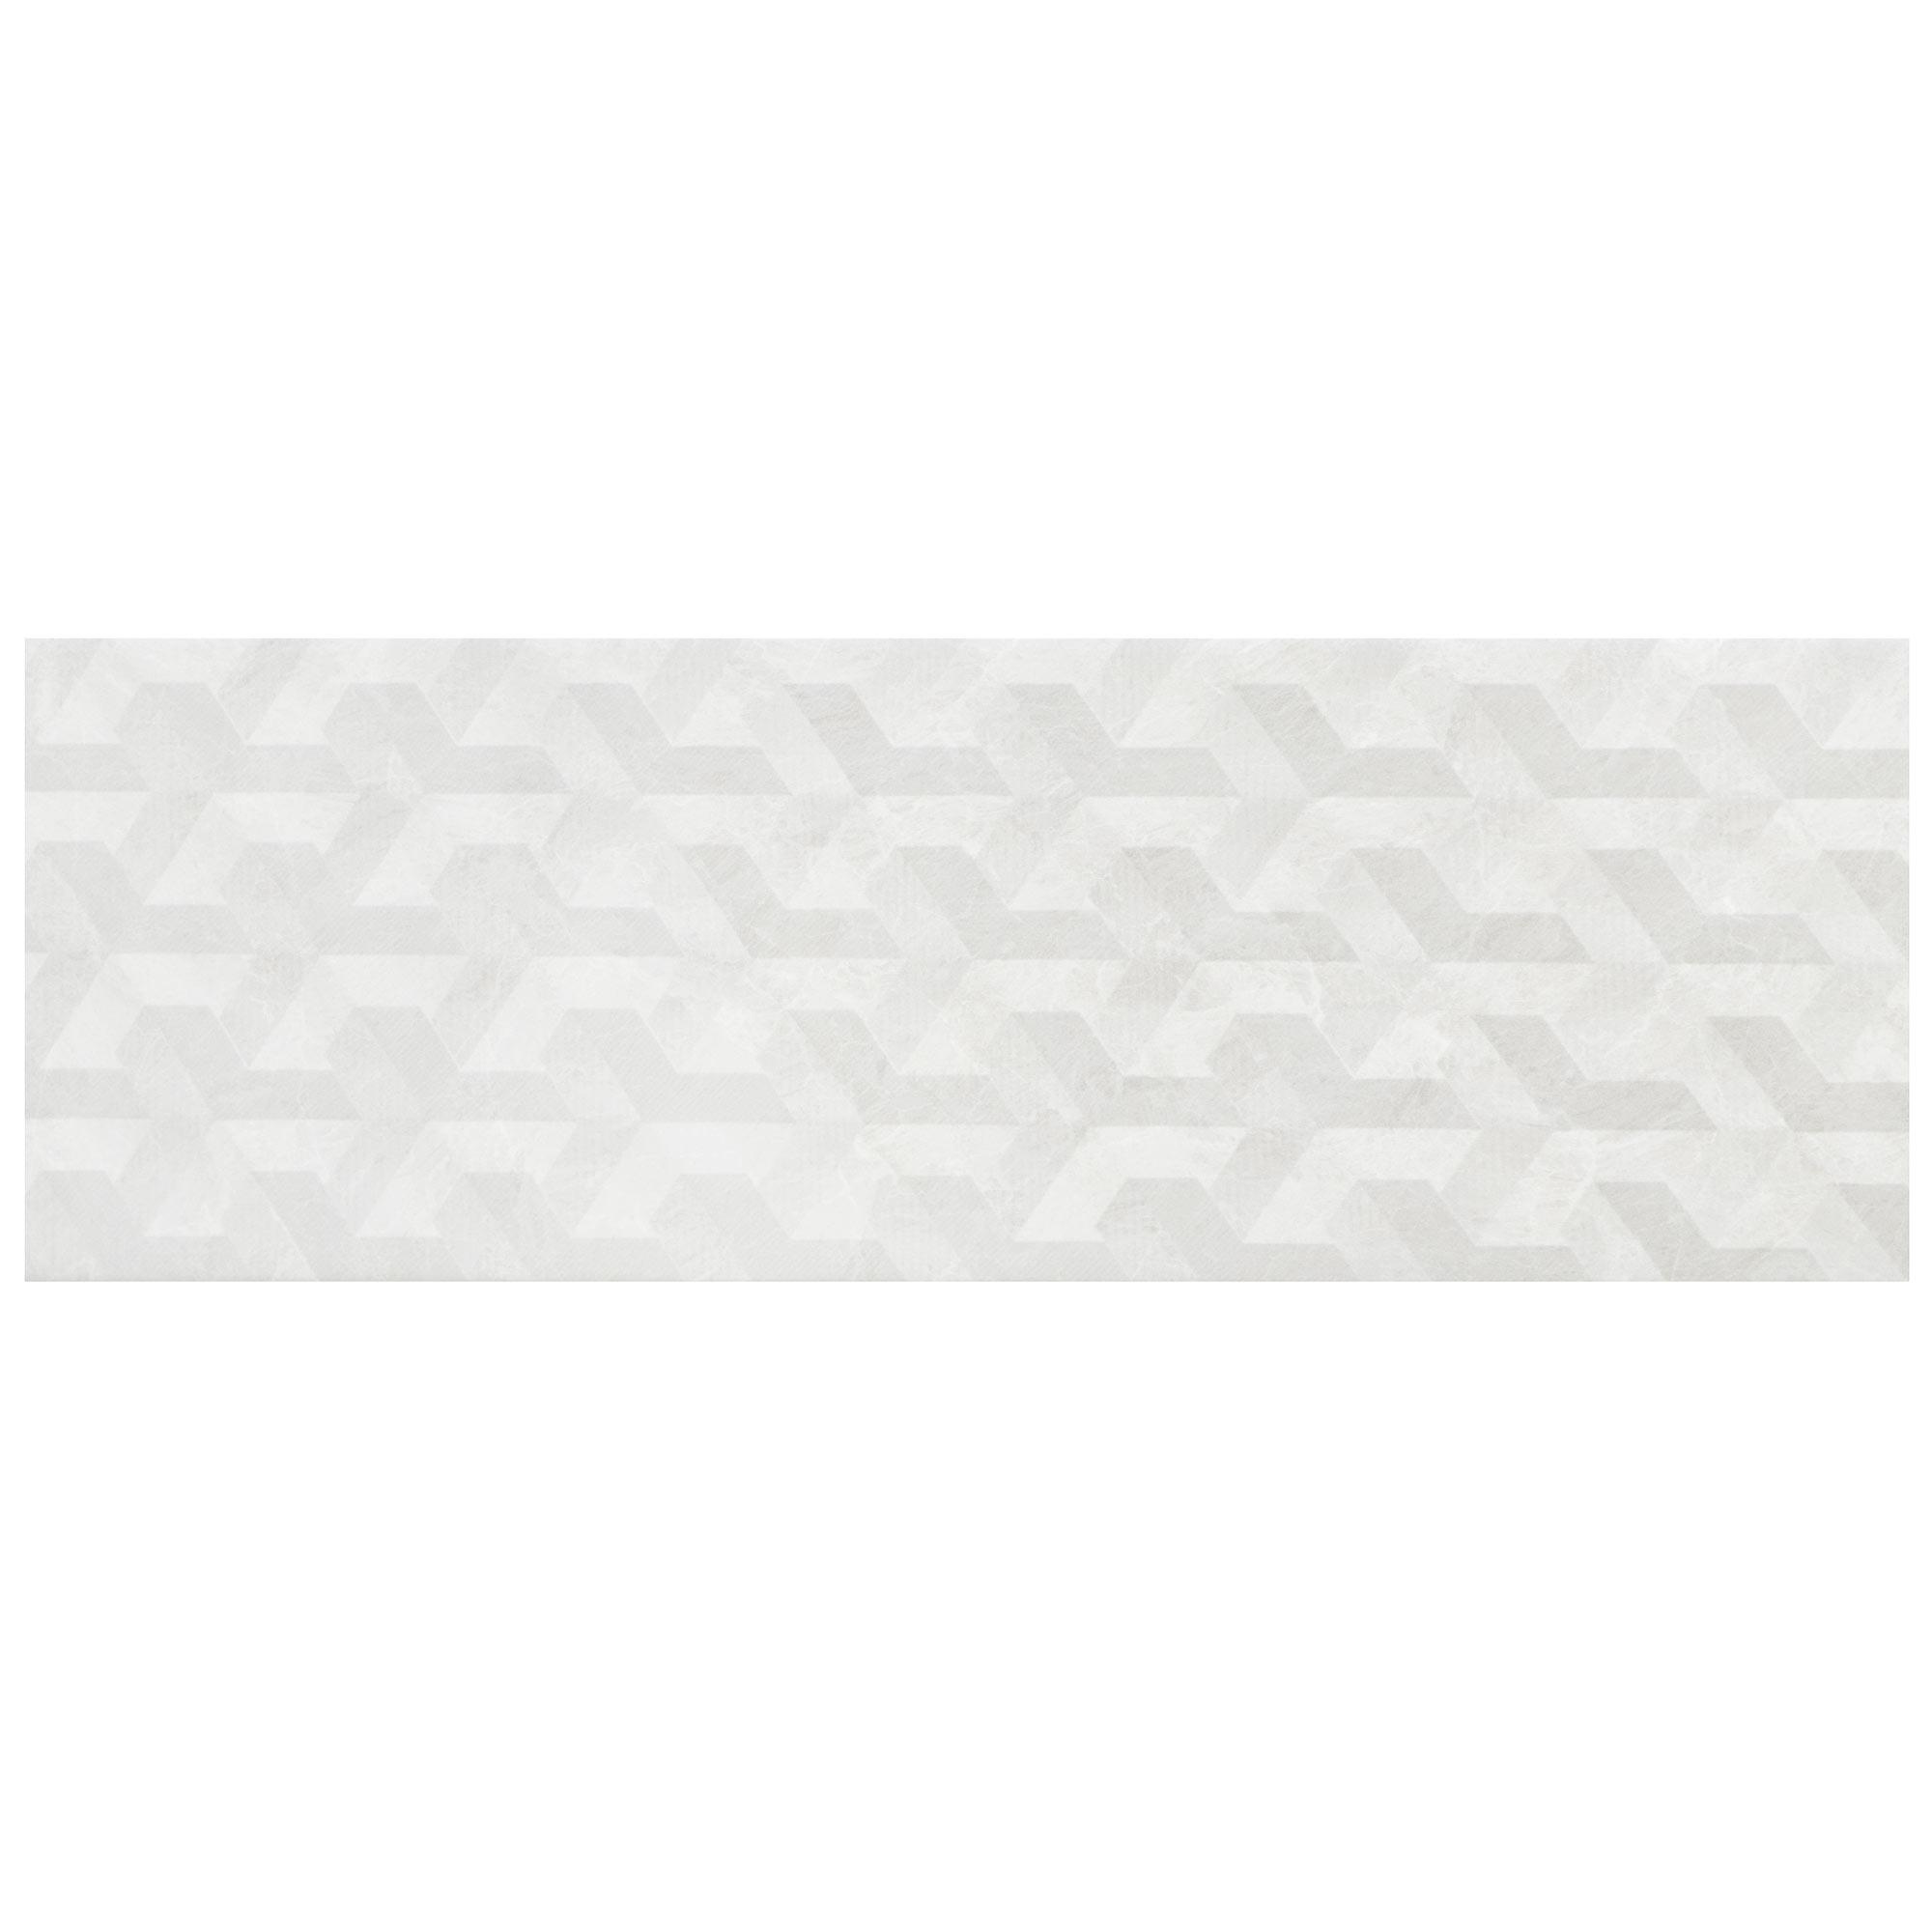 Фото - Плитка настенная Undefasa Trentino Perla Nook 25х75 см керамическая плитка laparet crema бежевый настенная 25х75 см